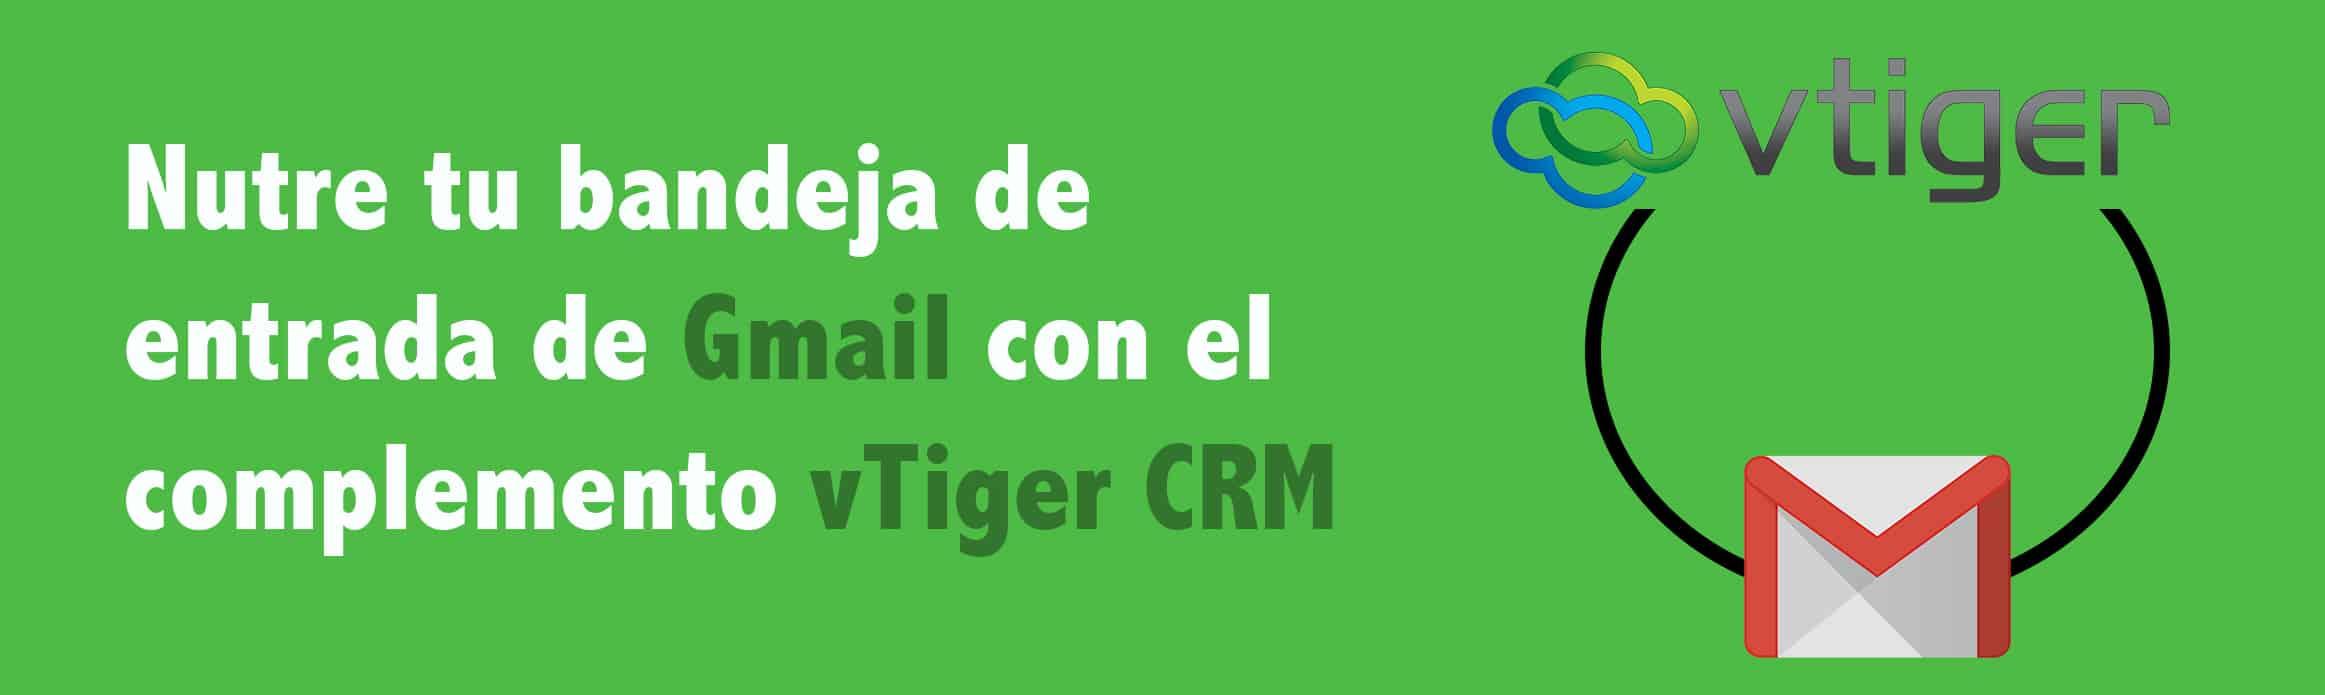 gmail con el complemento vtiger